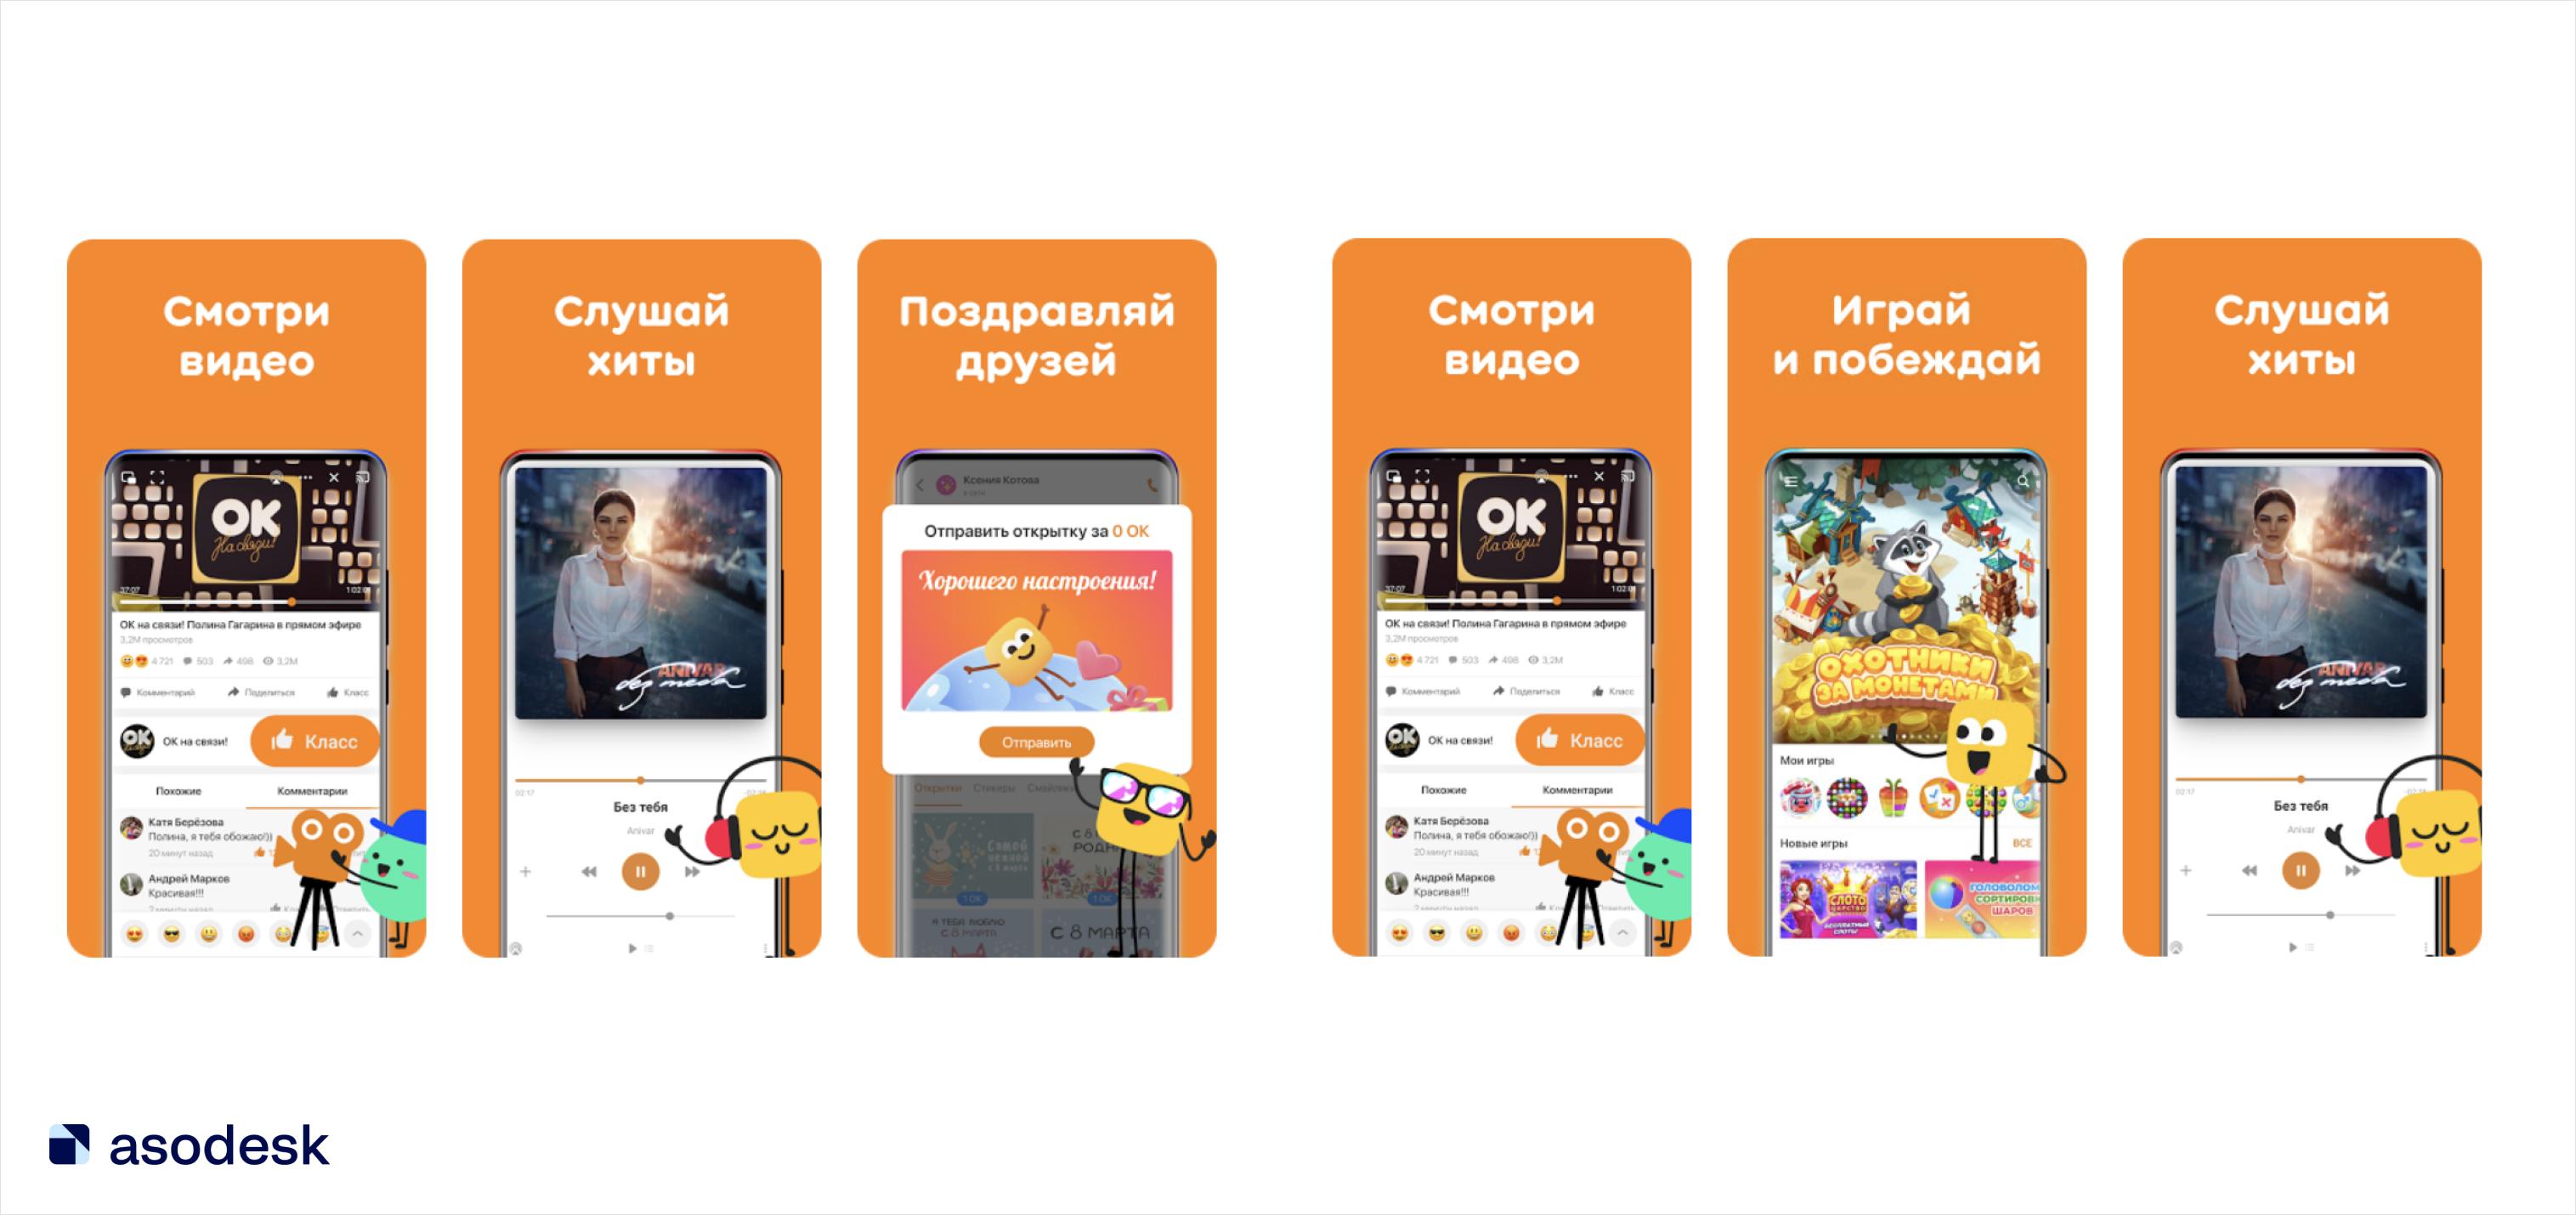 Изменение скриншотов брендового приложения «Одноклассники»